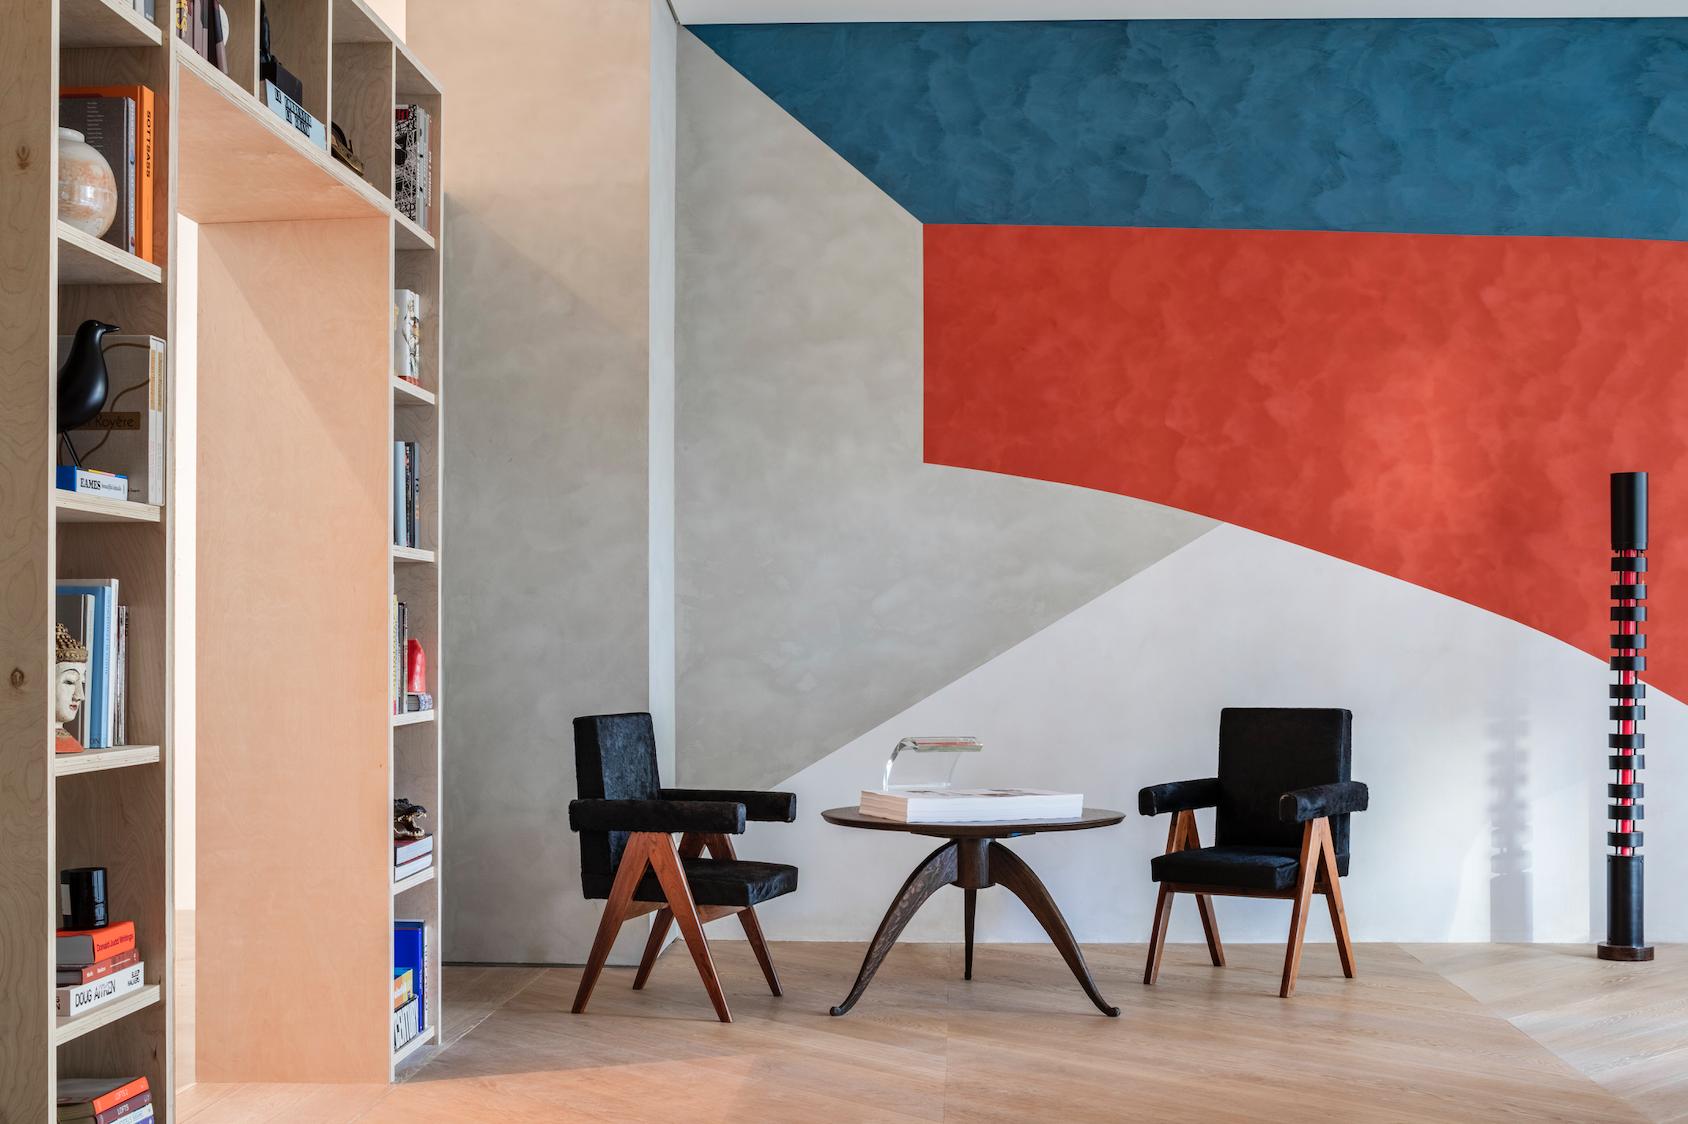 Casacor Miami 2018 - D'Apostrophe Design Studio